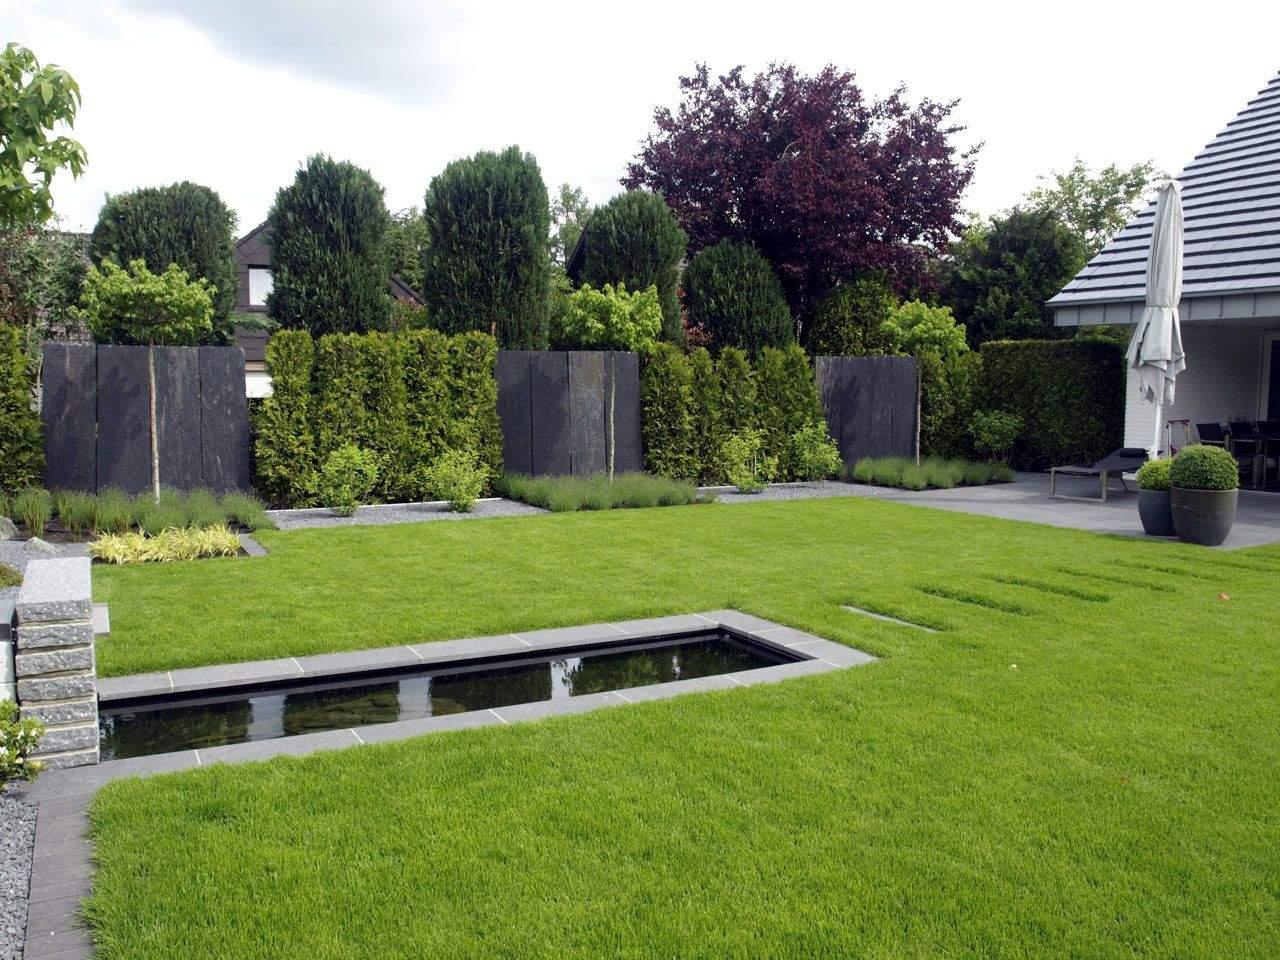 Edelstahlbrunnen Garten Das Beste Von Gärten Geradlinig Gestaltet